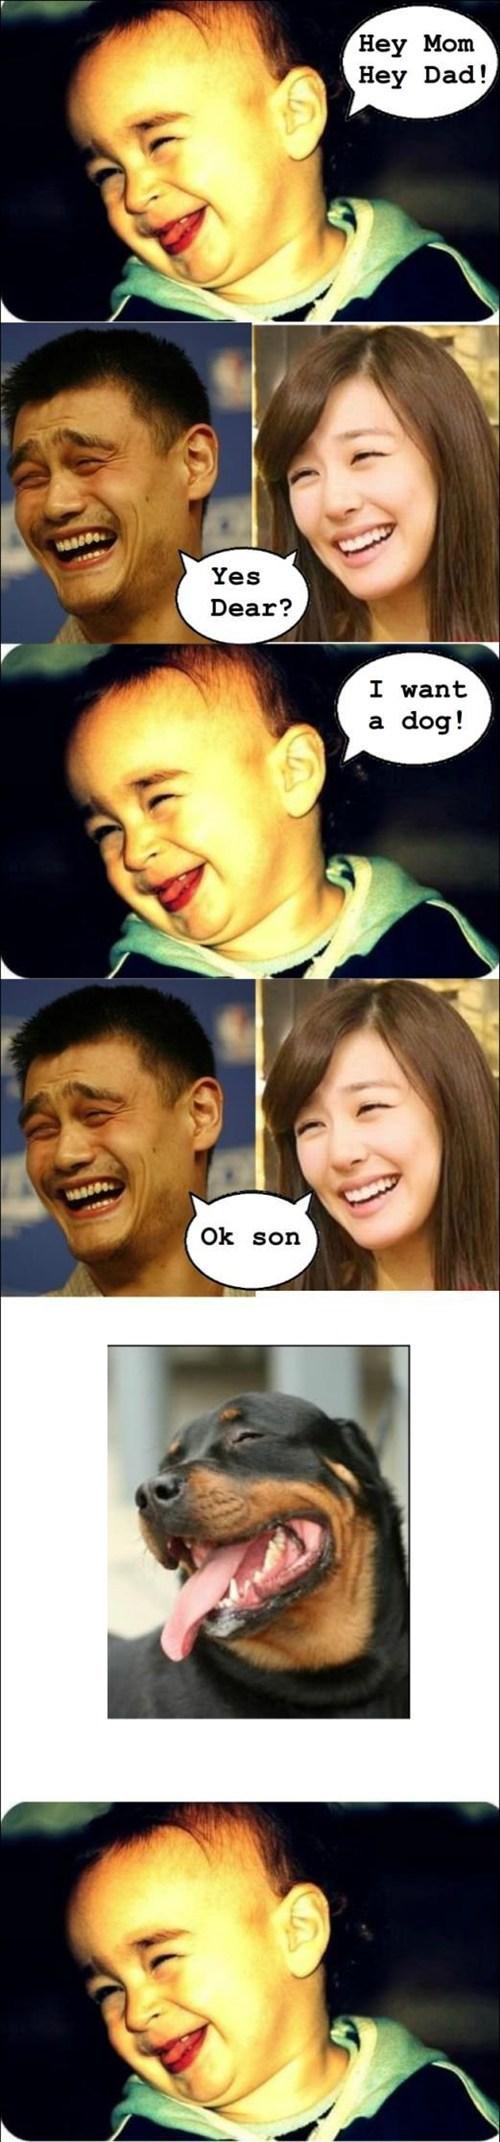 yao ming meme - 6836996608